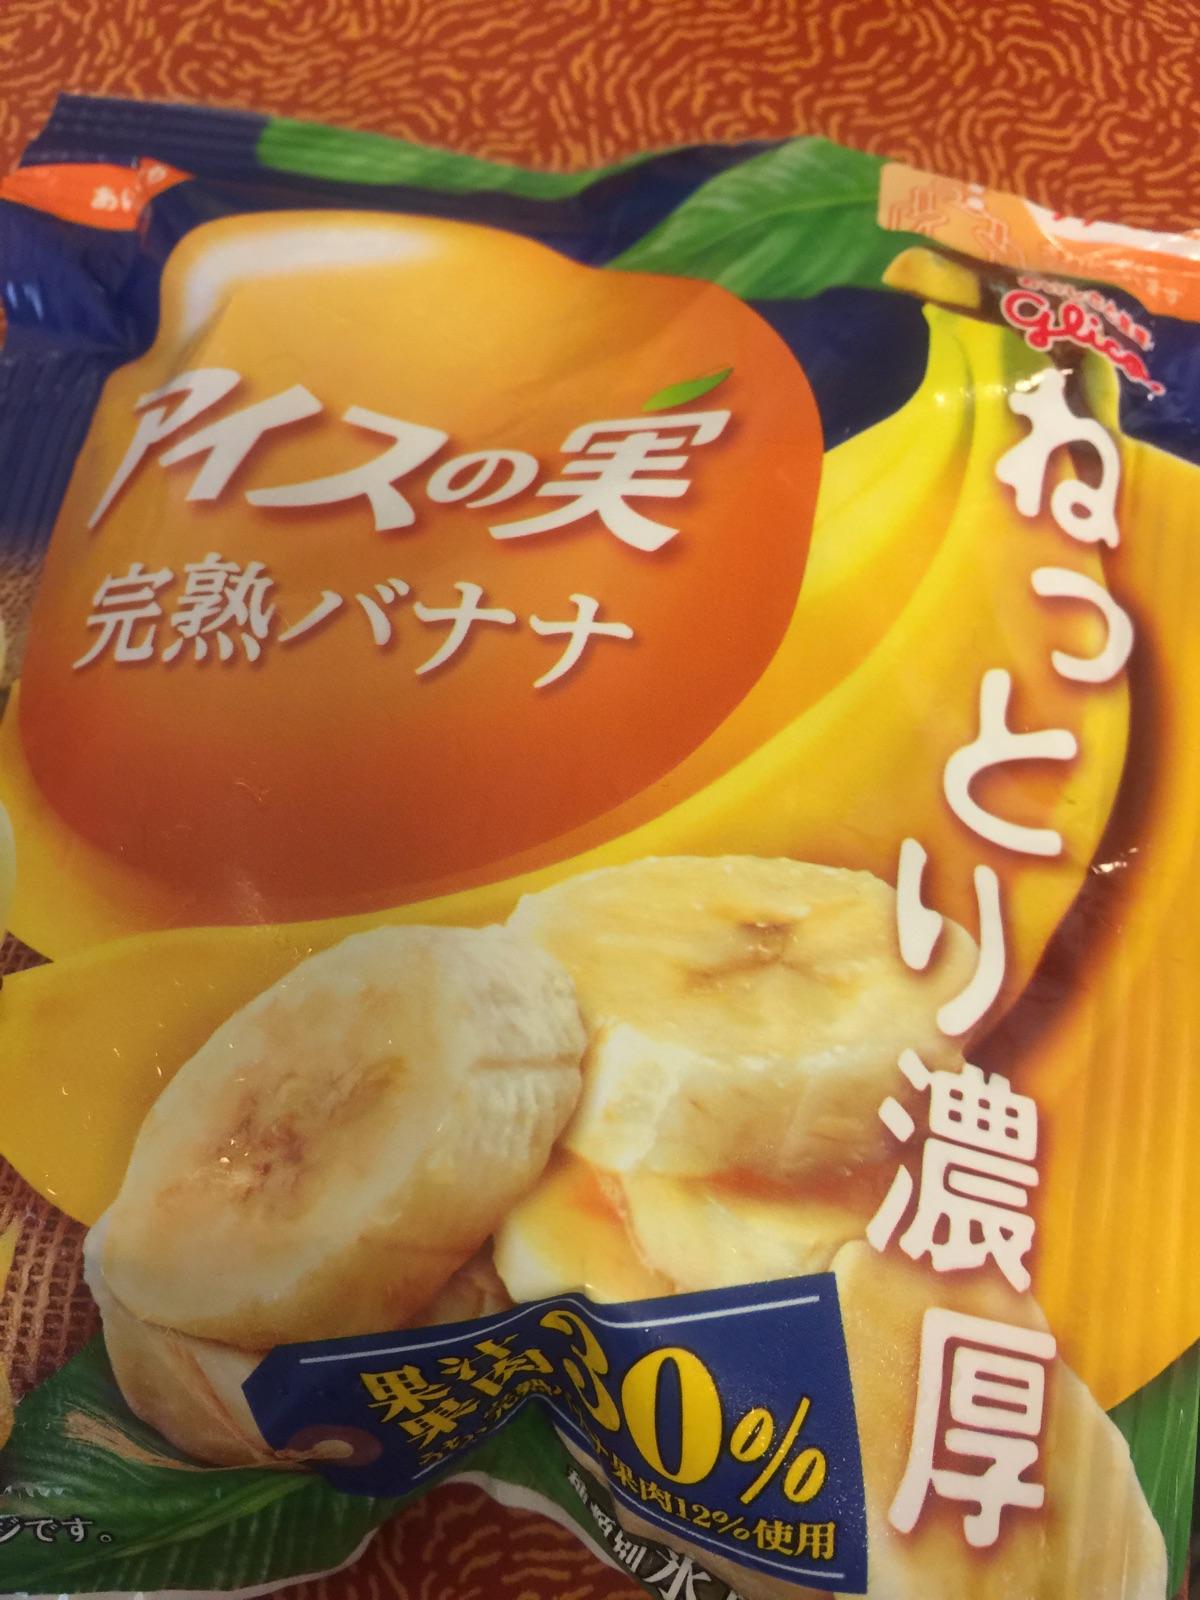 アイスの実 完熟バナナ